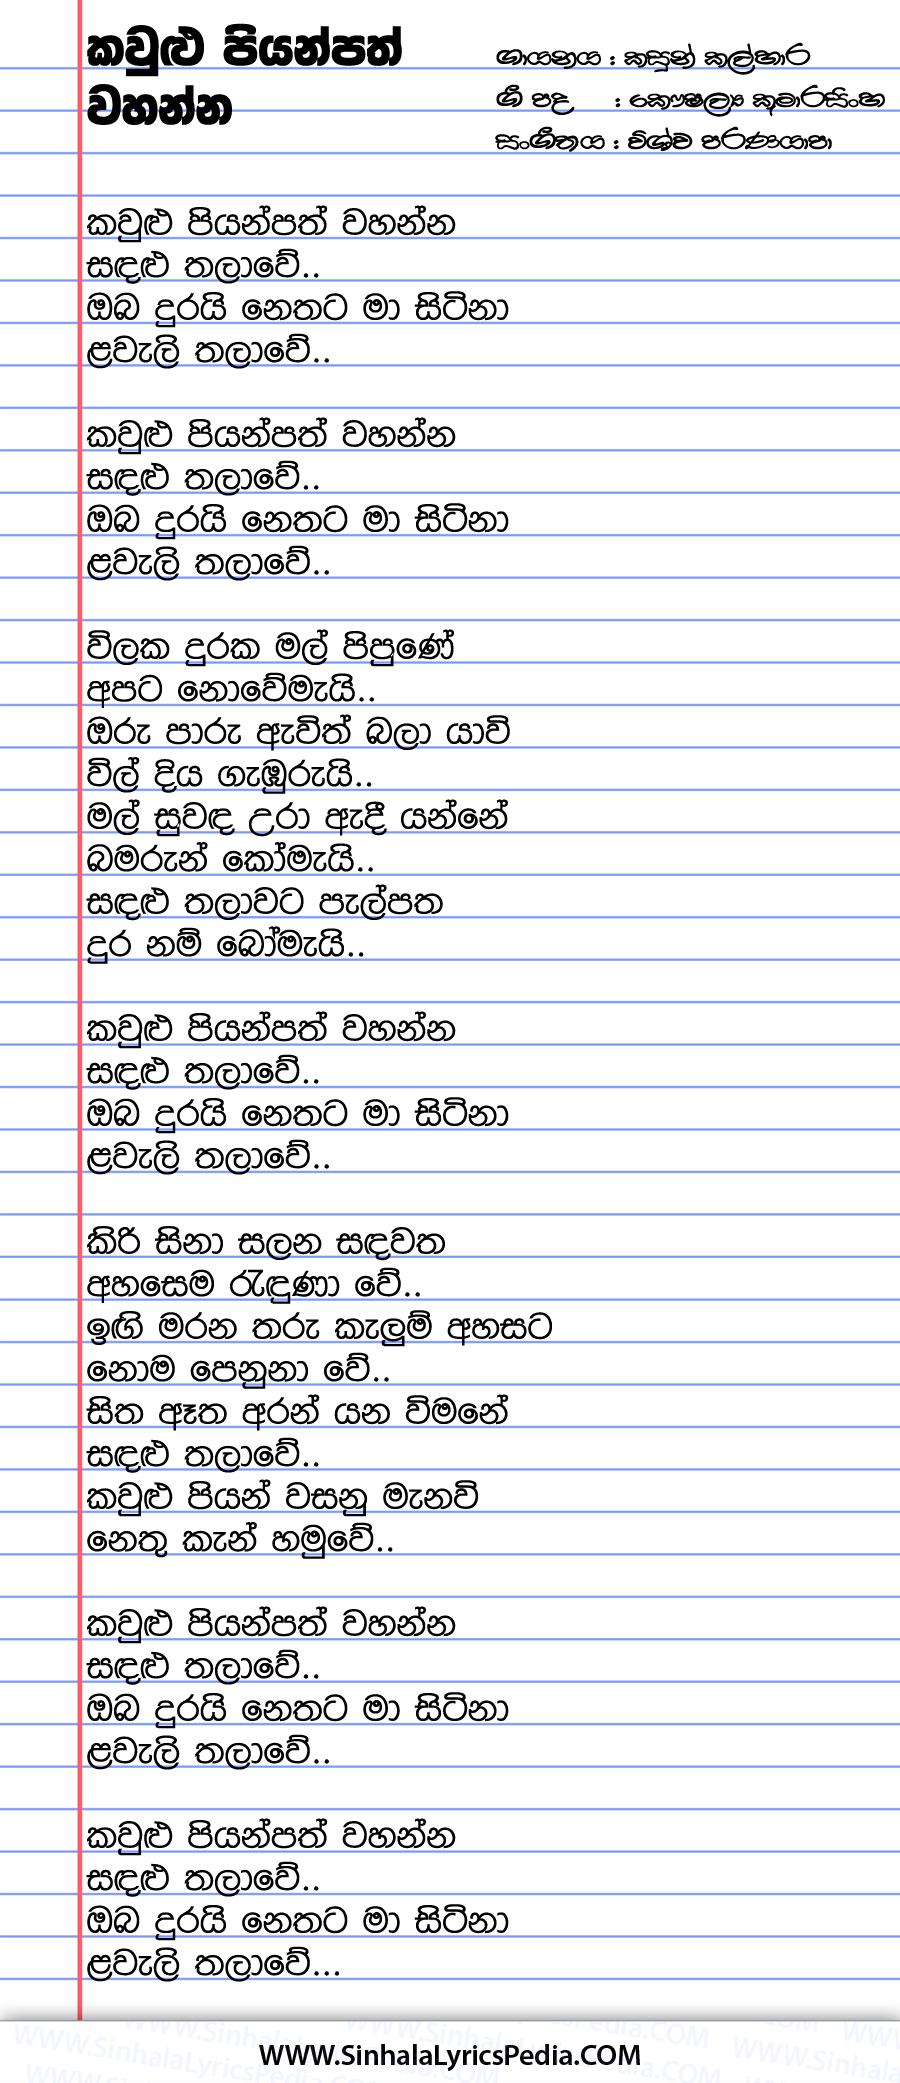 Kaulu Piyanpath Wahanna Song Lyrics